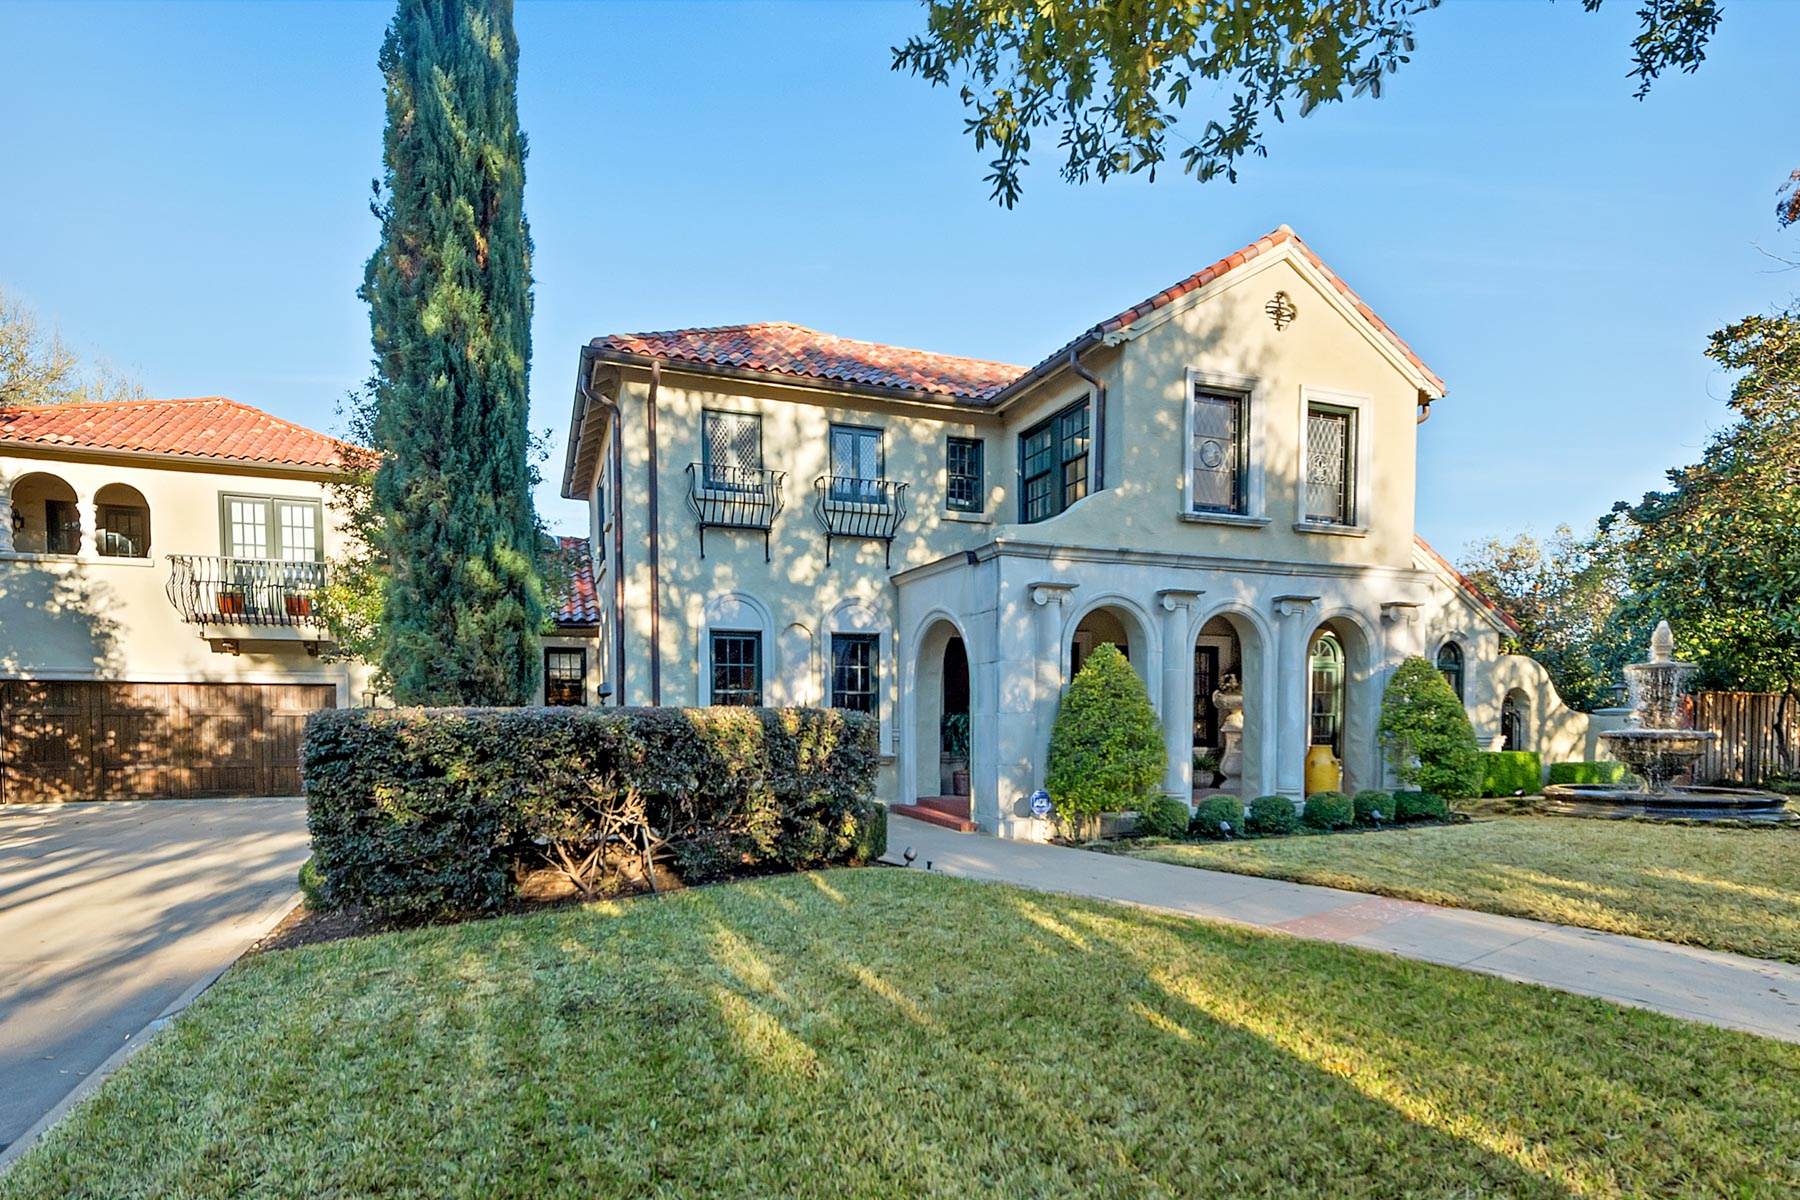 一戸建て のために 売買 アット 2443 Medford Court W, Fort Worth Fort Worth, テキサス, 76109 アメリカ合衆国